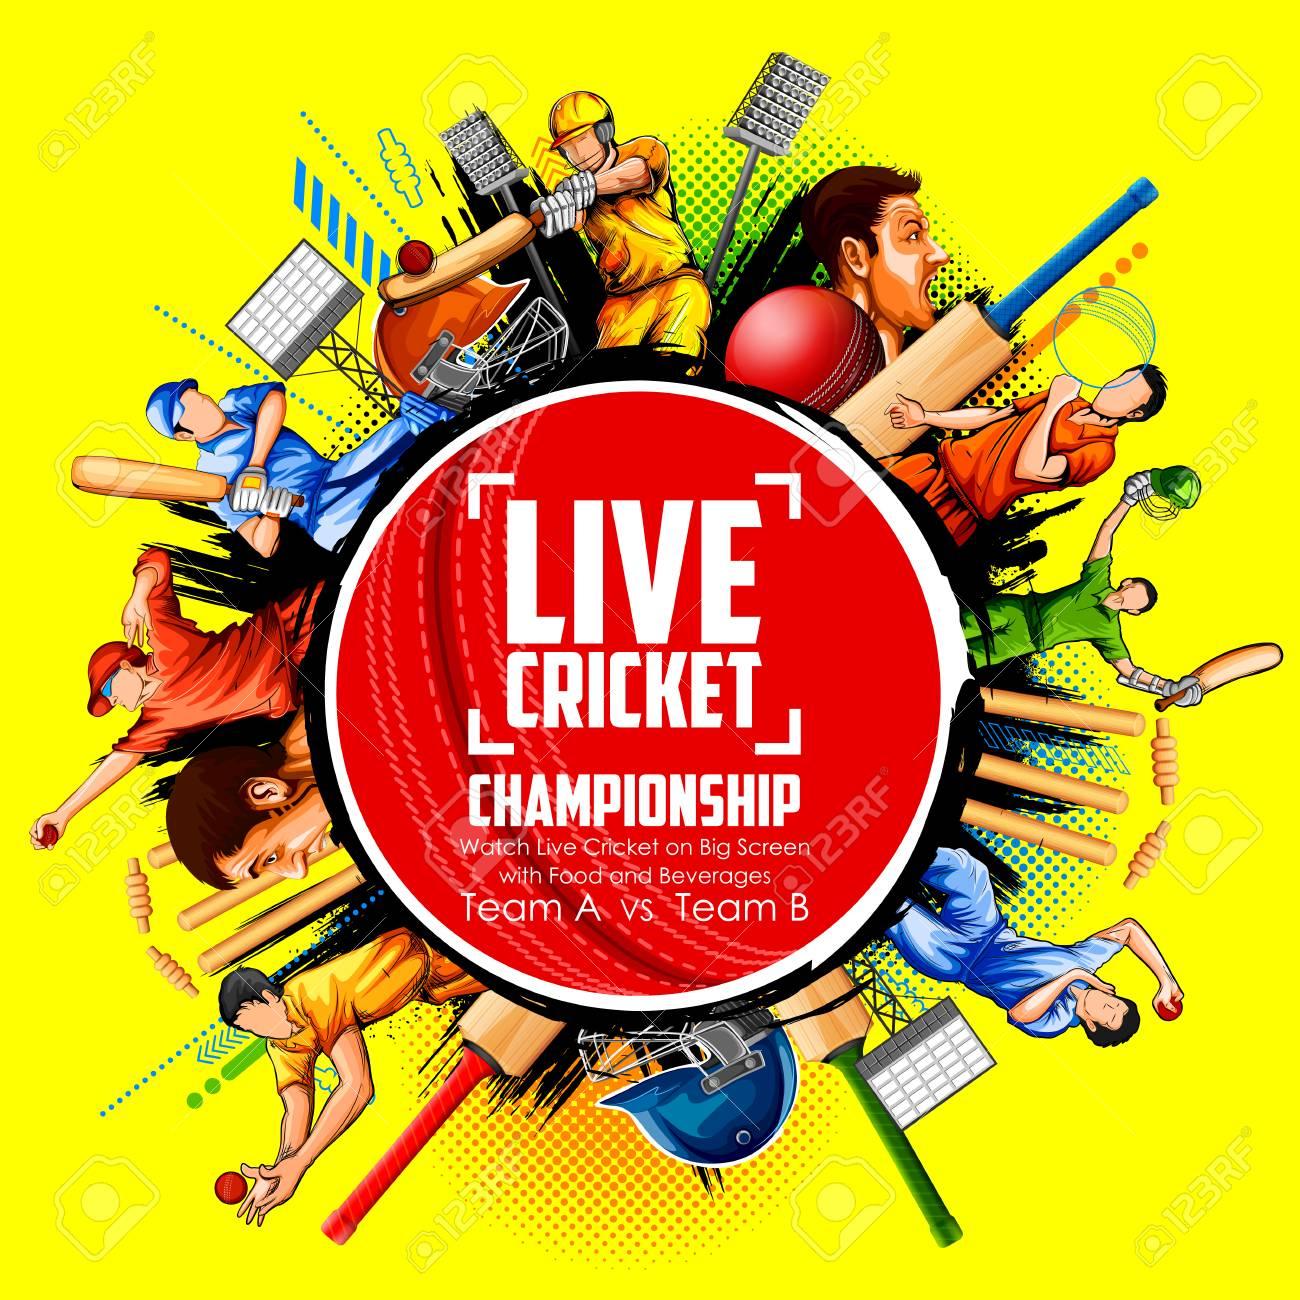 Batsman and bowler playing cricket championship sports Vector illustration. - 97621977